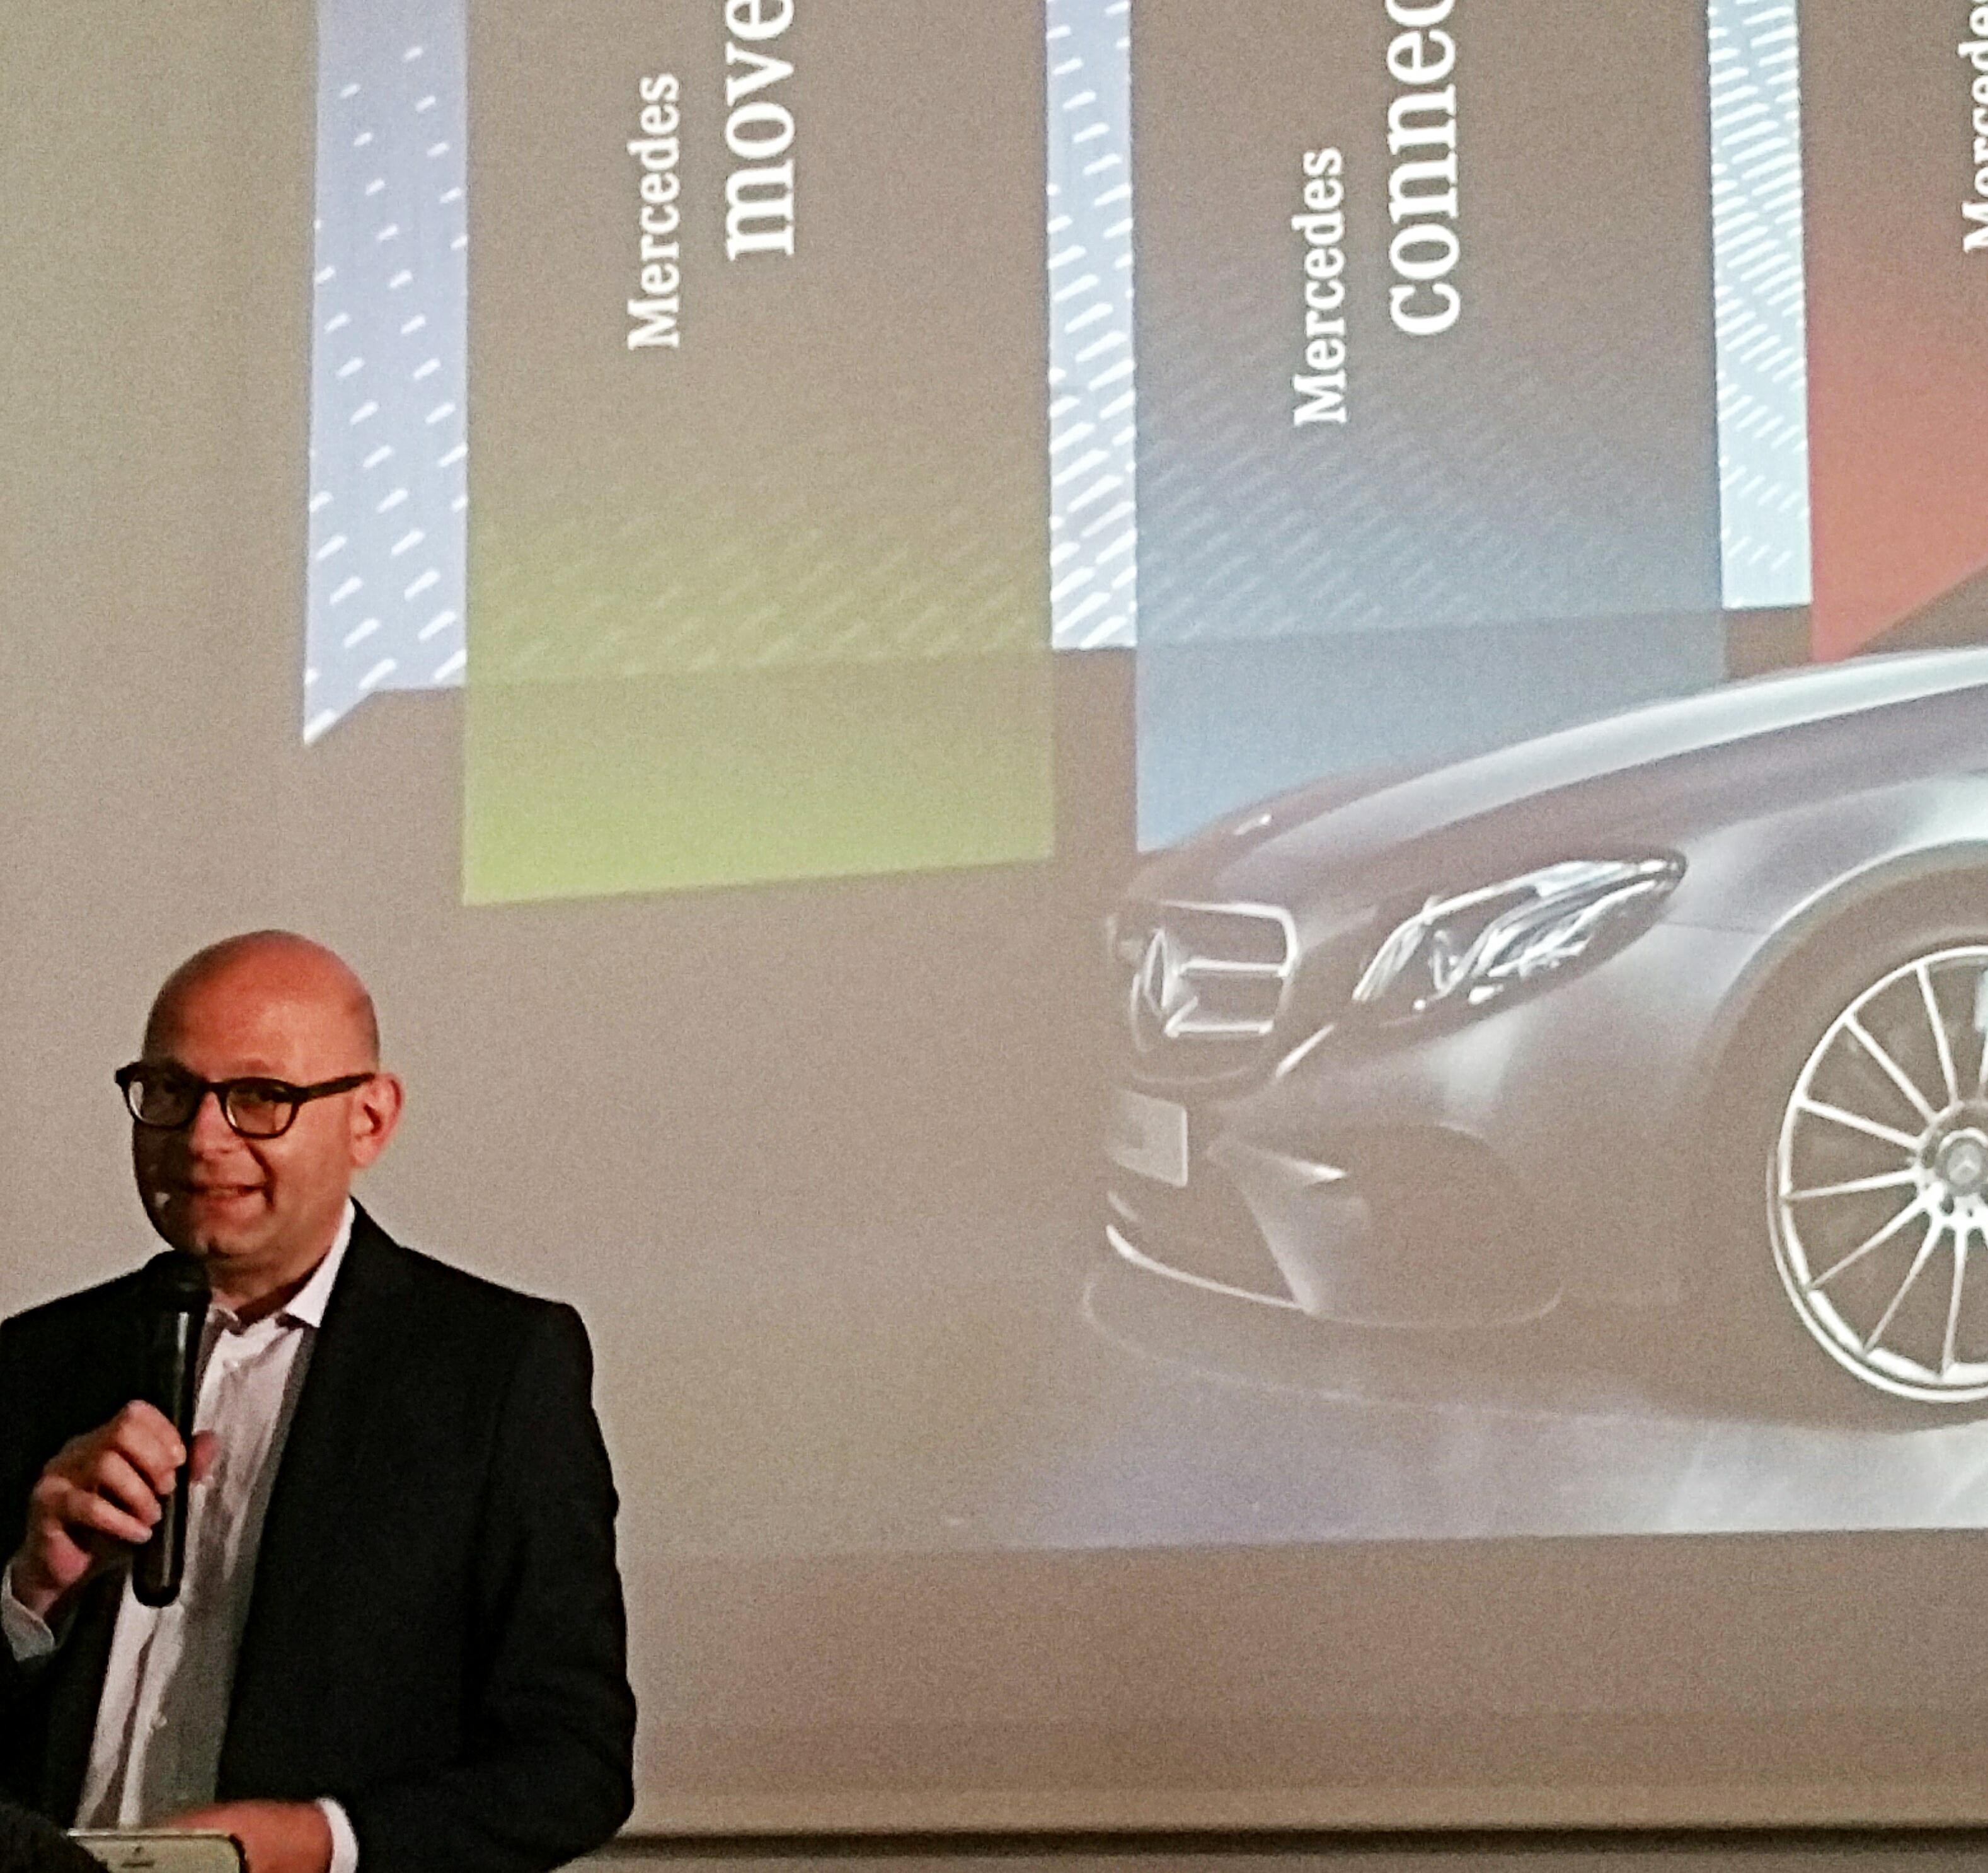 Paolo Lanzoni, Responsabile comunicazione di Mercedes-Benz Italia